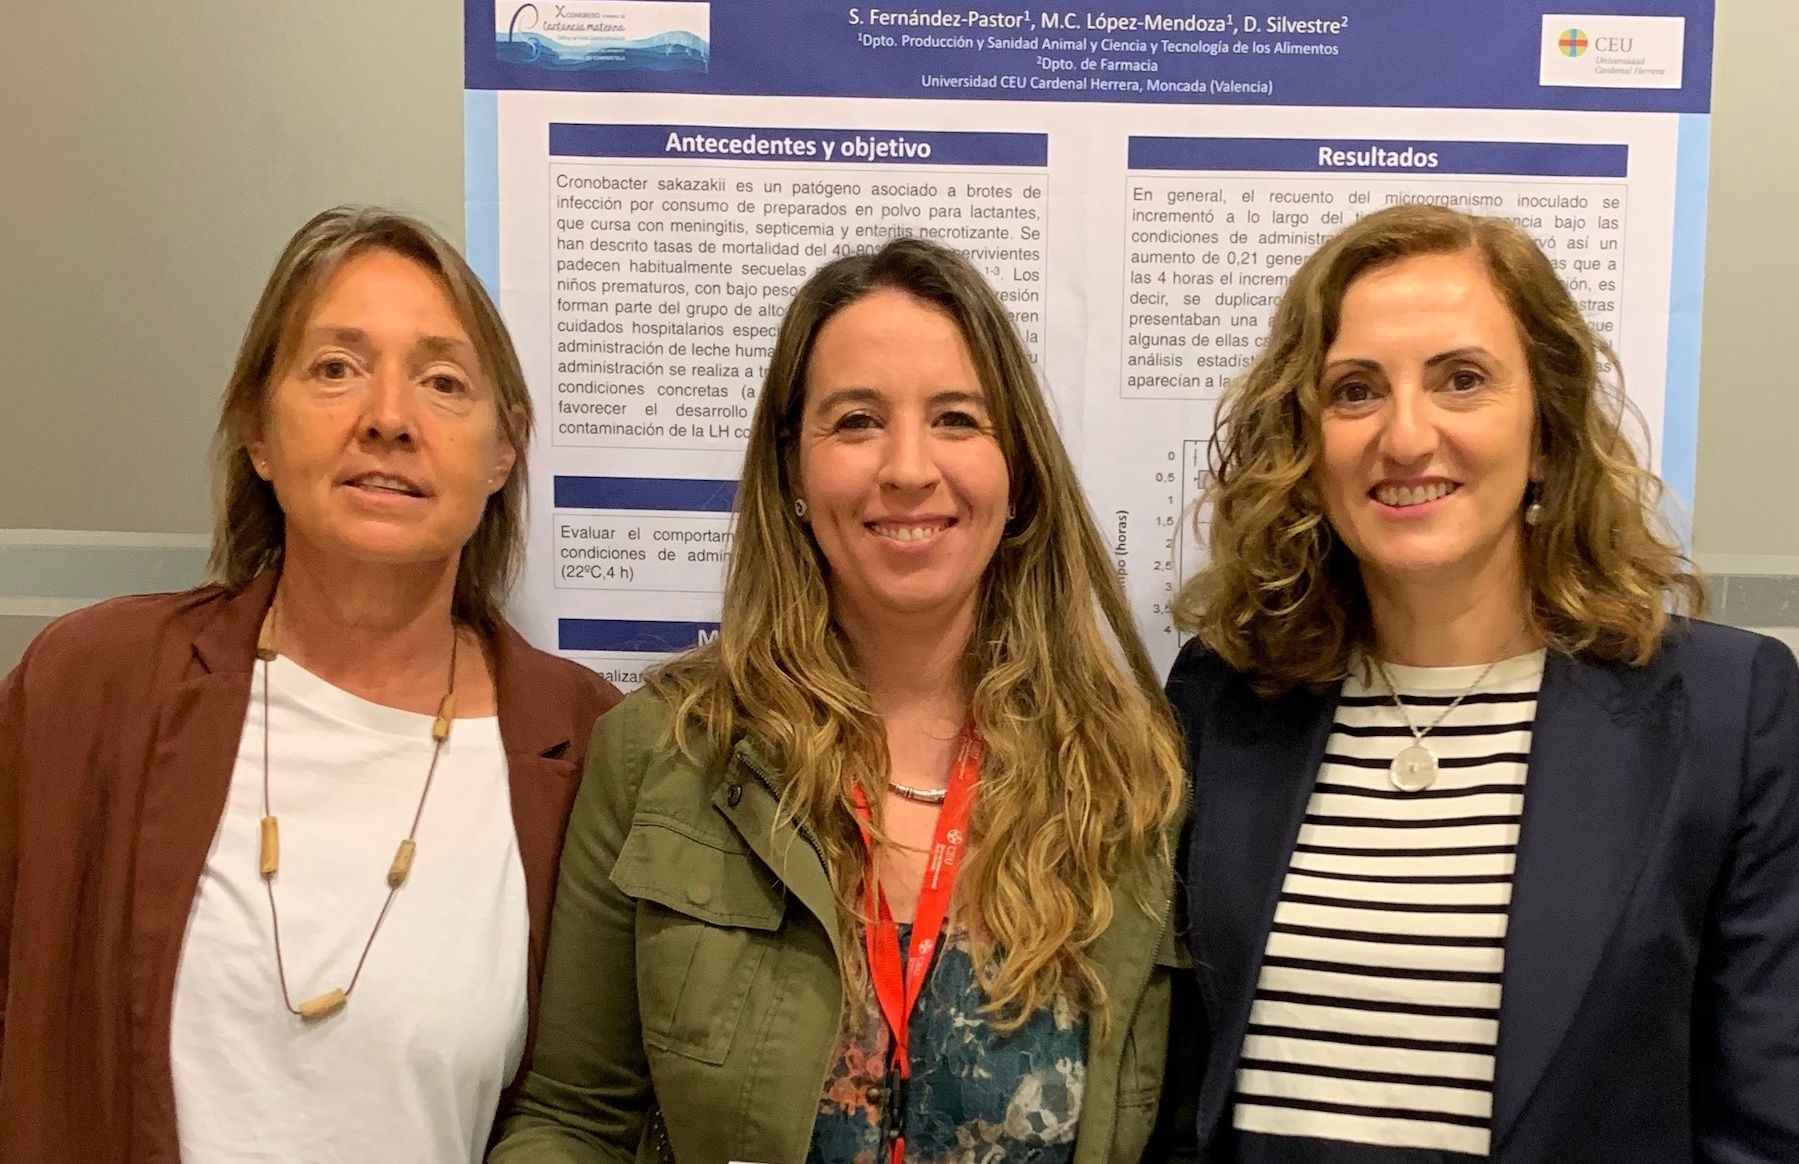 Las profesoras de Farmacia y Veterinaria de la CEU UCH Dolores Silvestre, Sandra Fernández Pastor y Mari Carmen López Mendoza, autoras de la investigación premiada por la AEEP.